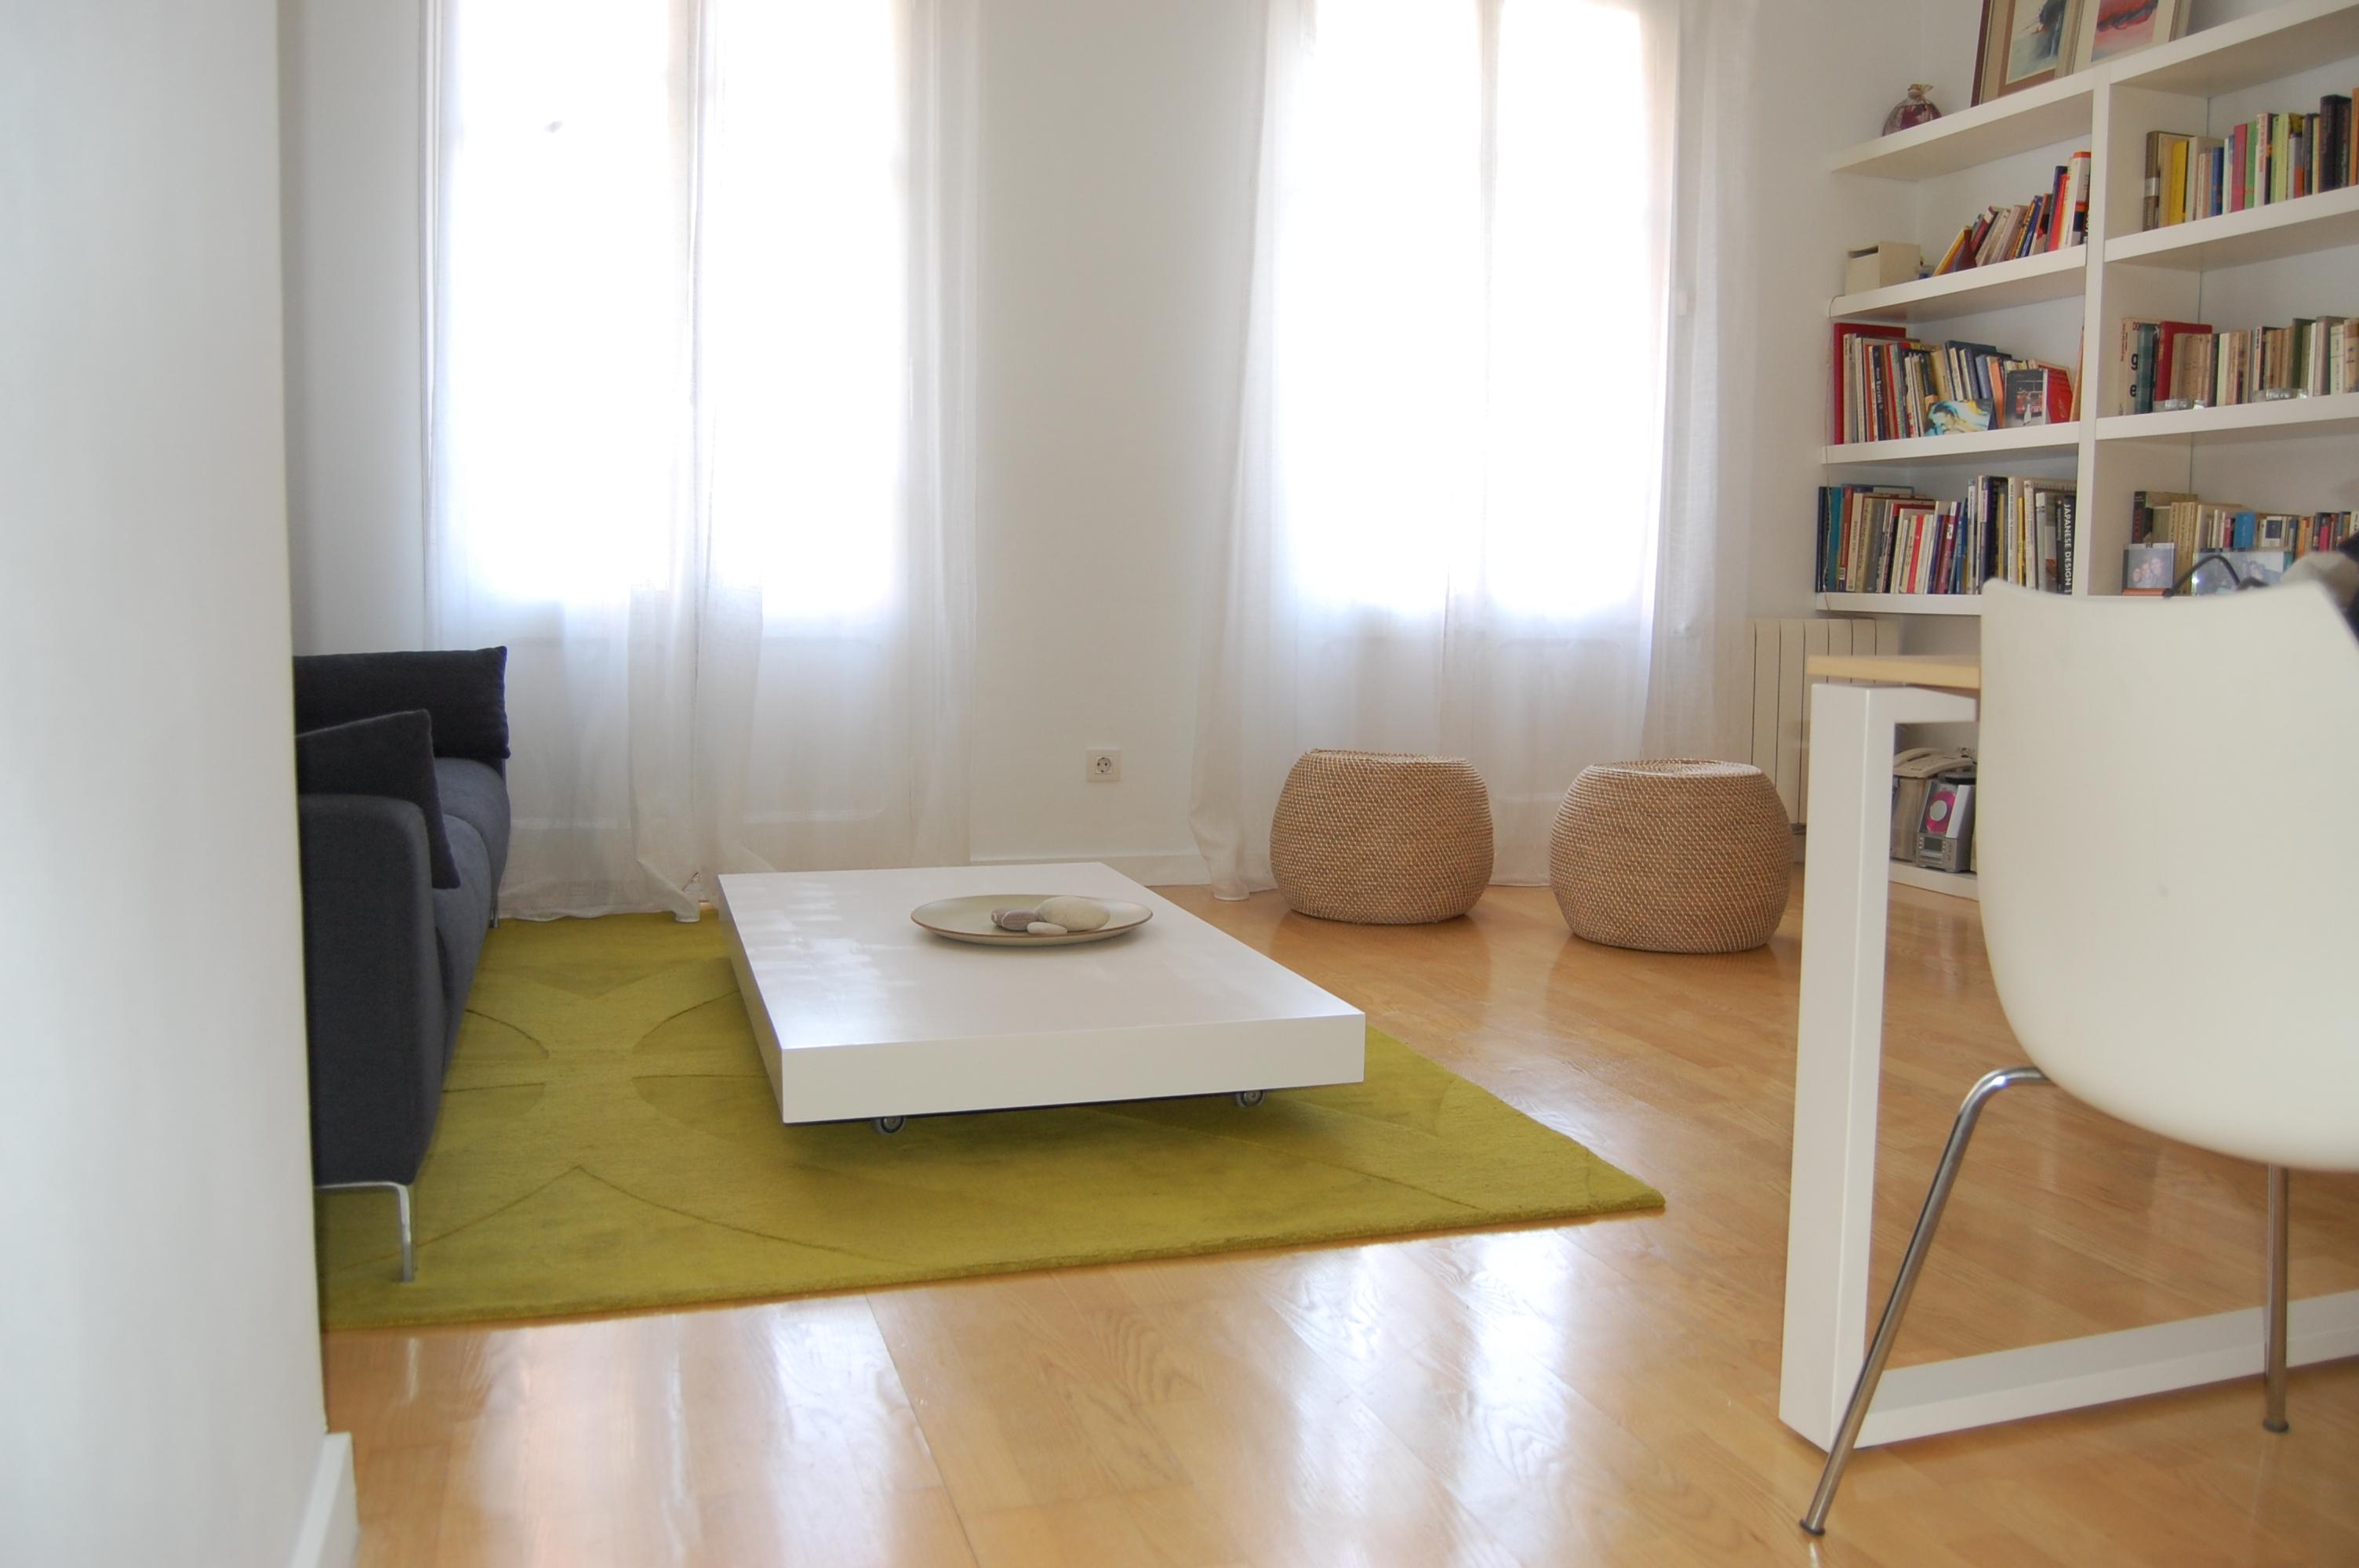 Trazo interiorismo piso 55m - Interiorismo low cost ...